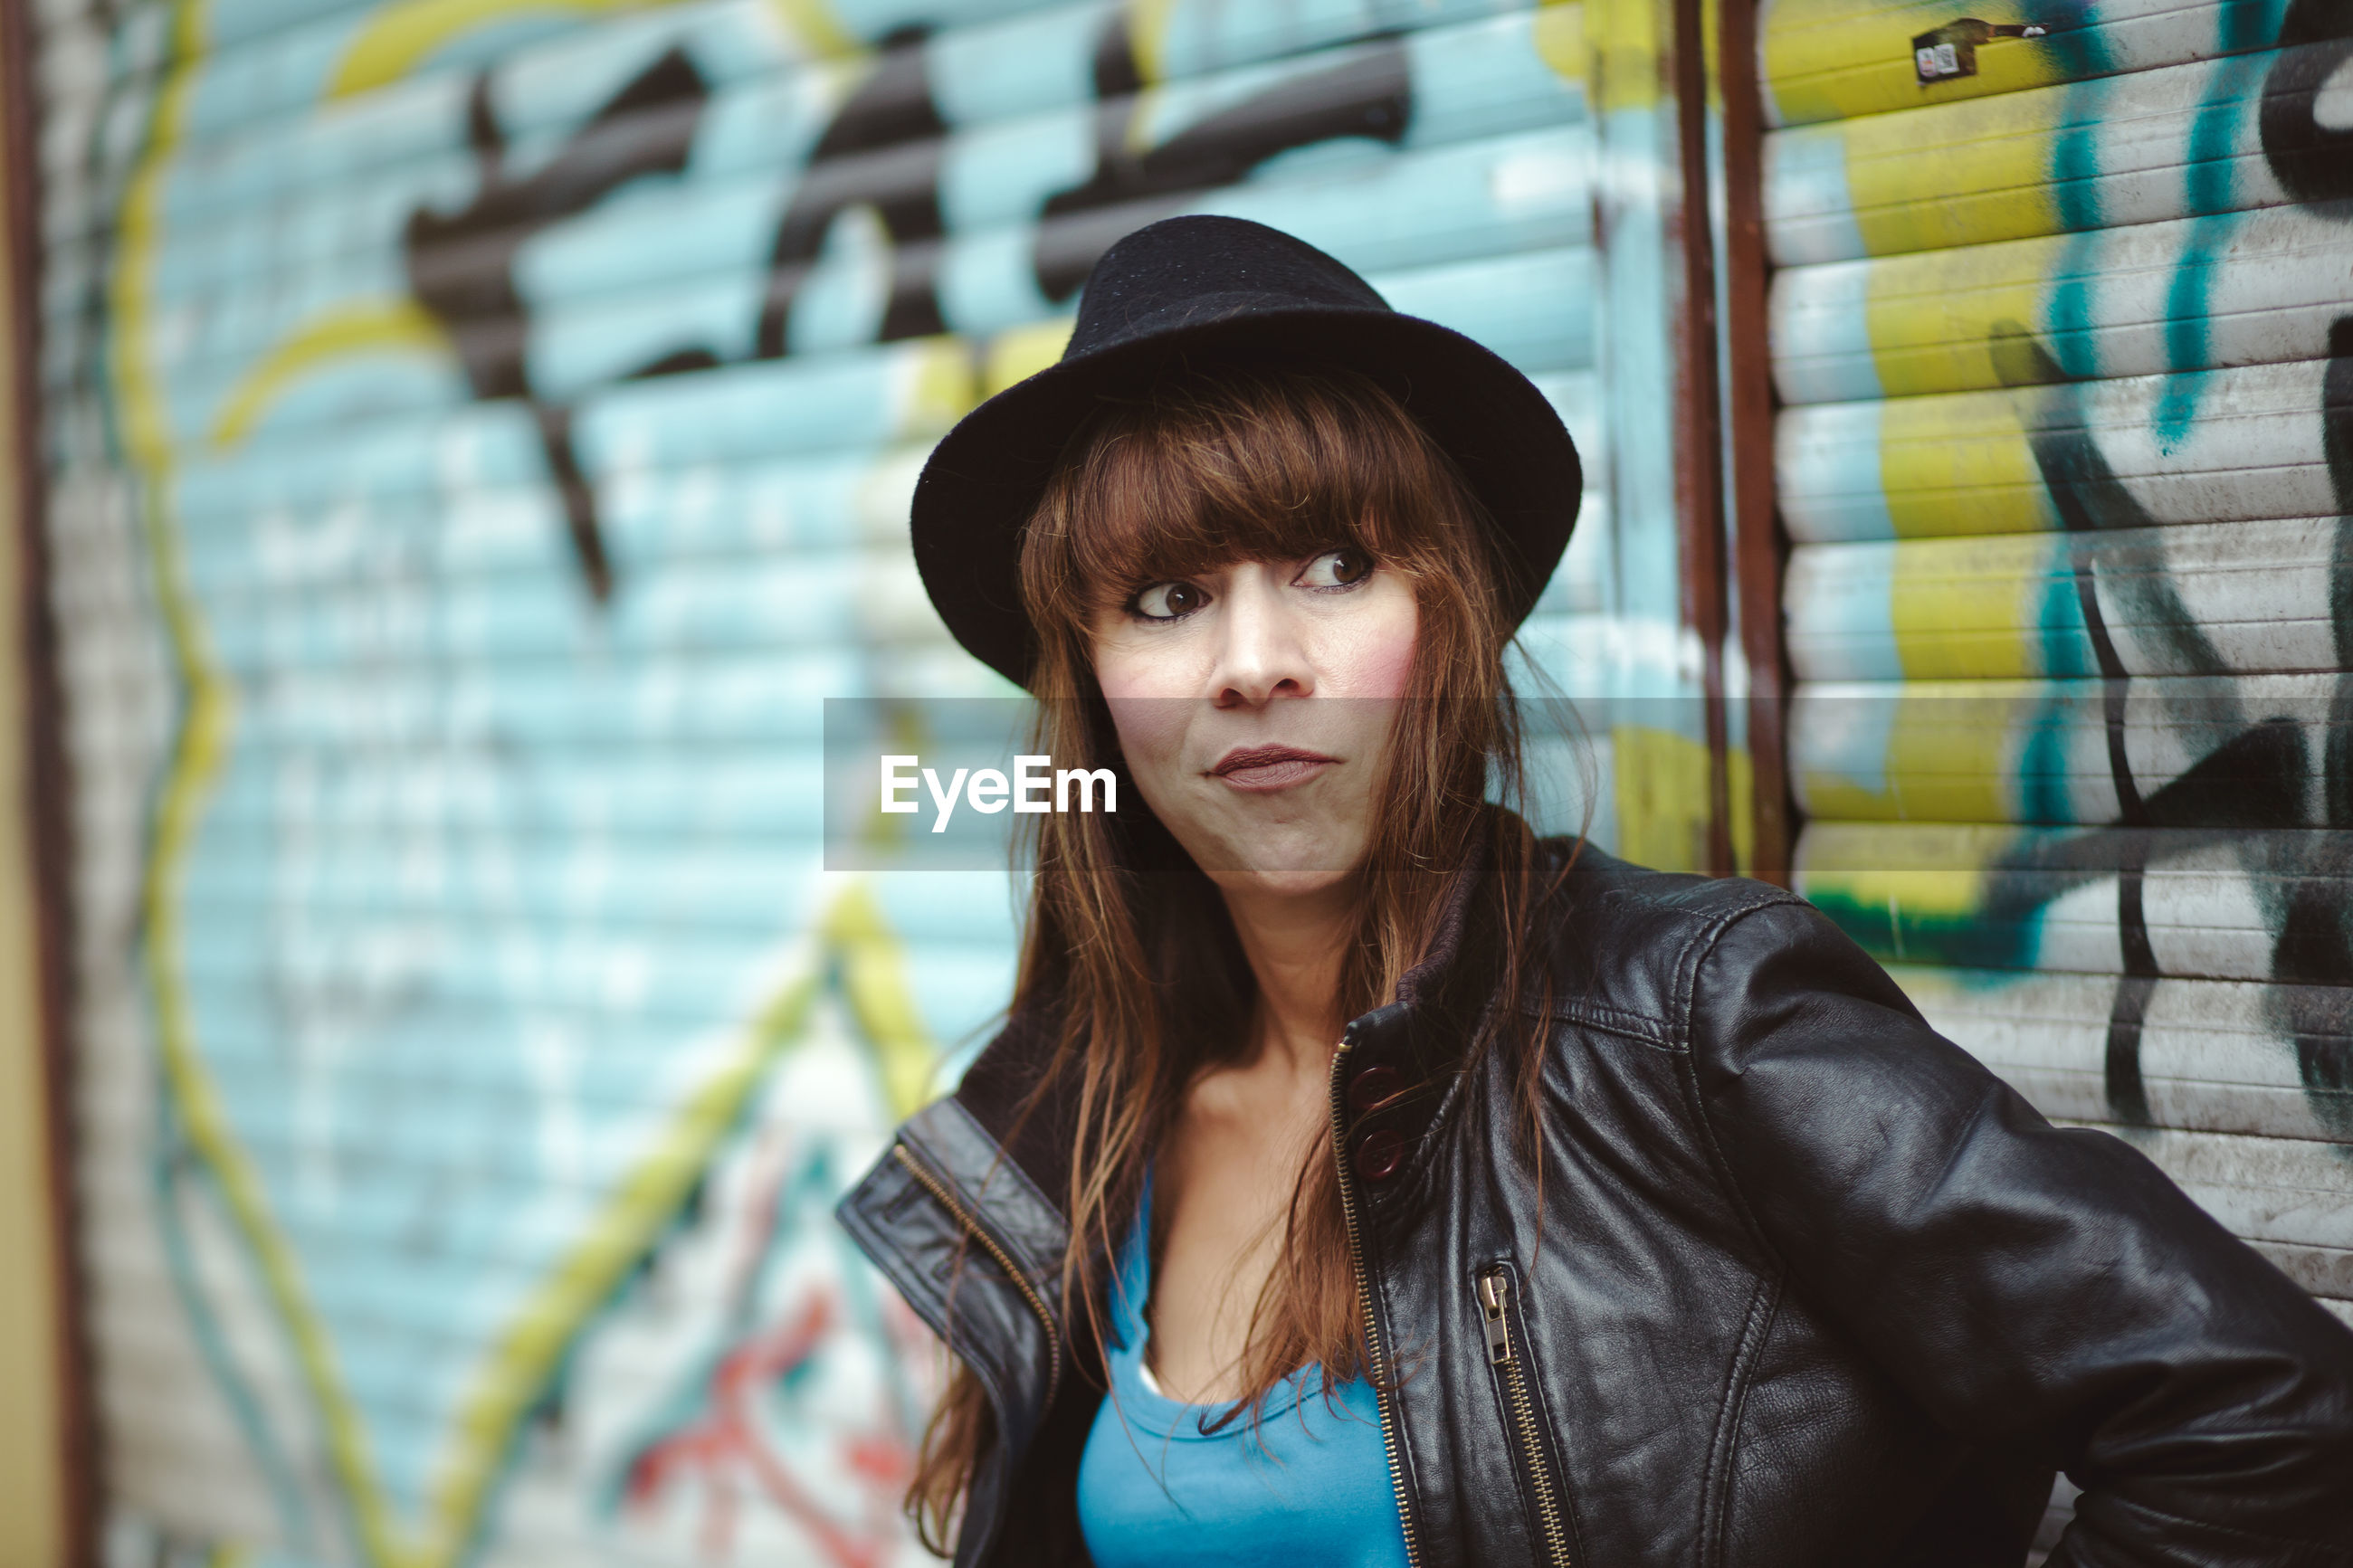 Woman wearing hat against graffiti shutter in city